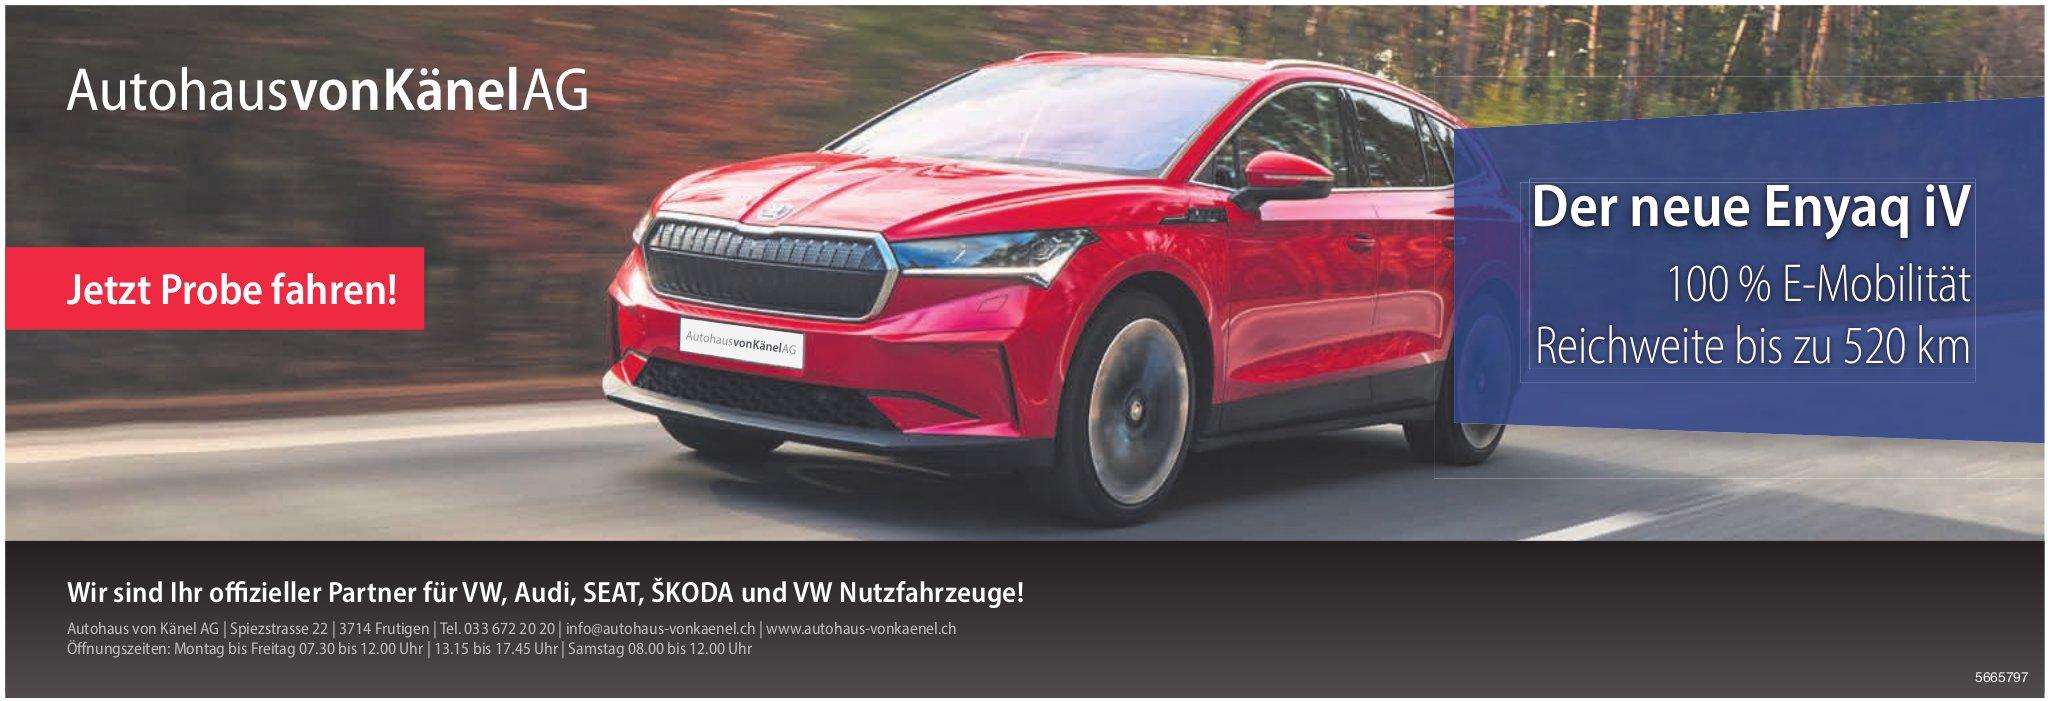 Autohaus von Känel AG, Frutigen - Der neue Enyaq iV, 100% E-Mobilität,  Reichweite bis zu 520 km